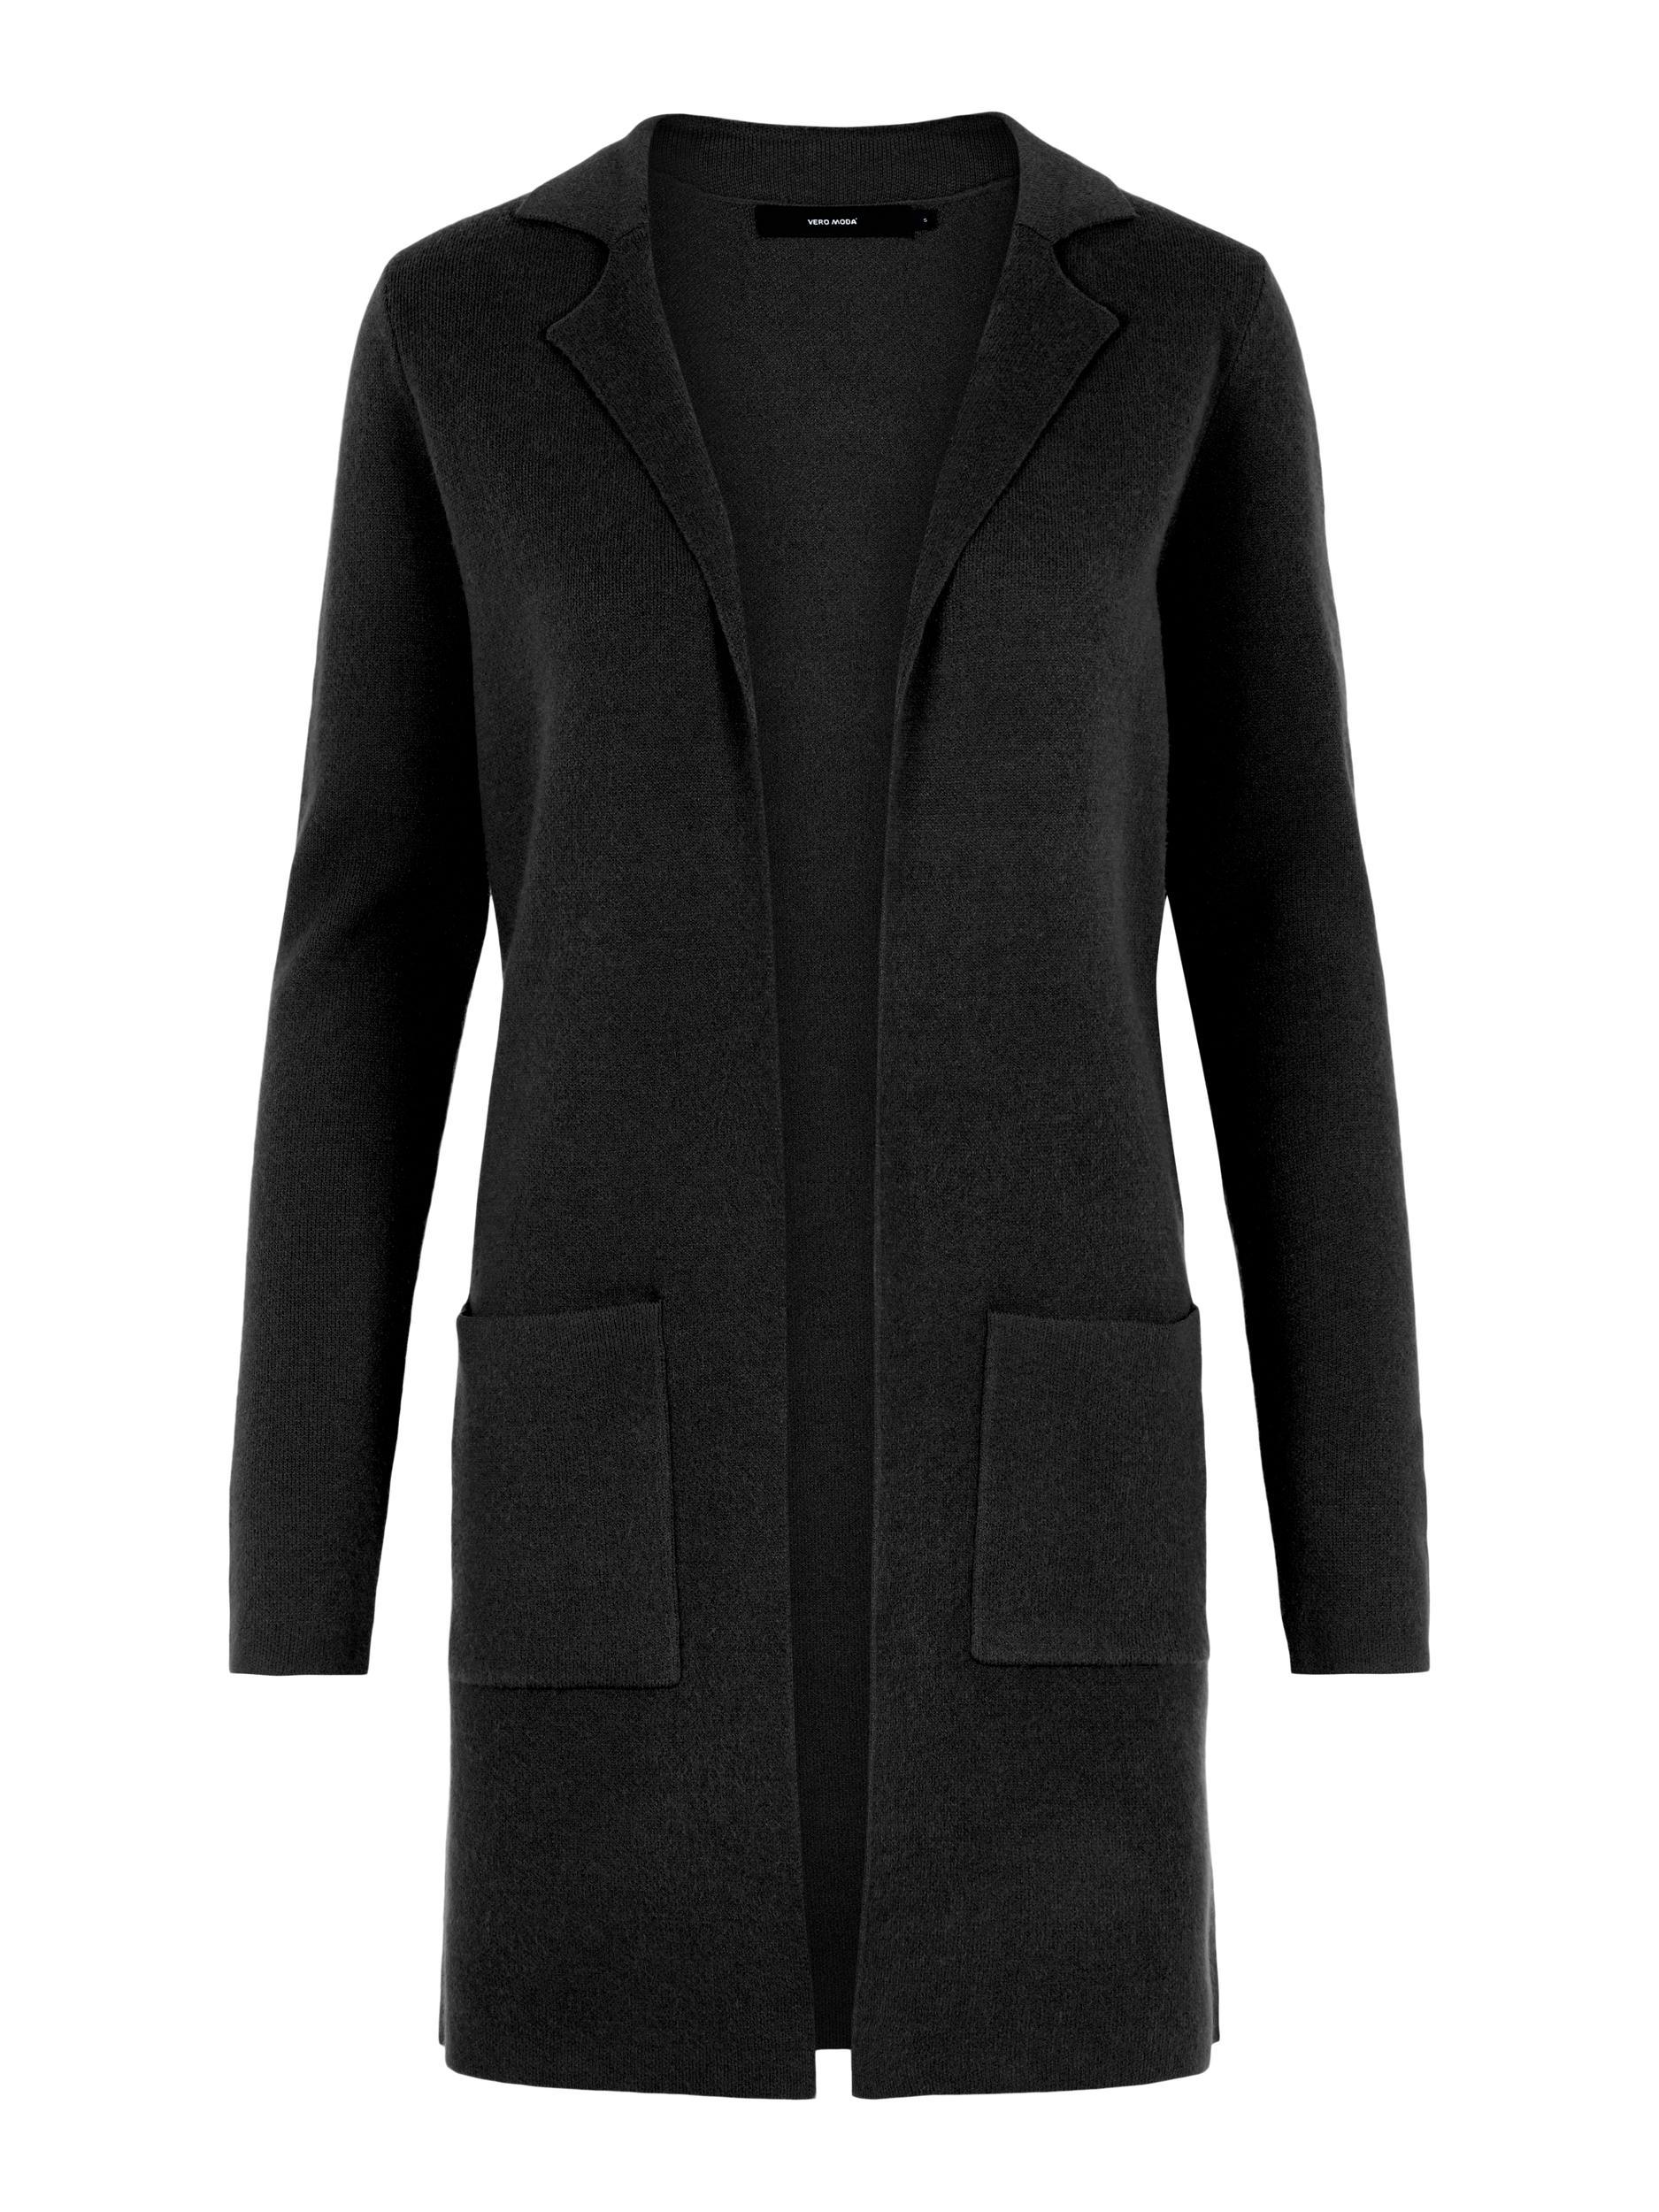 Vero Moda dámský pletený kardigan Tasty černý